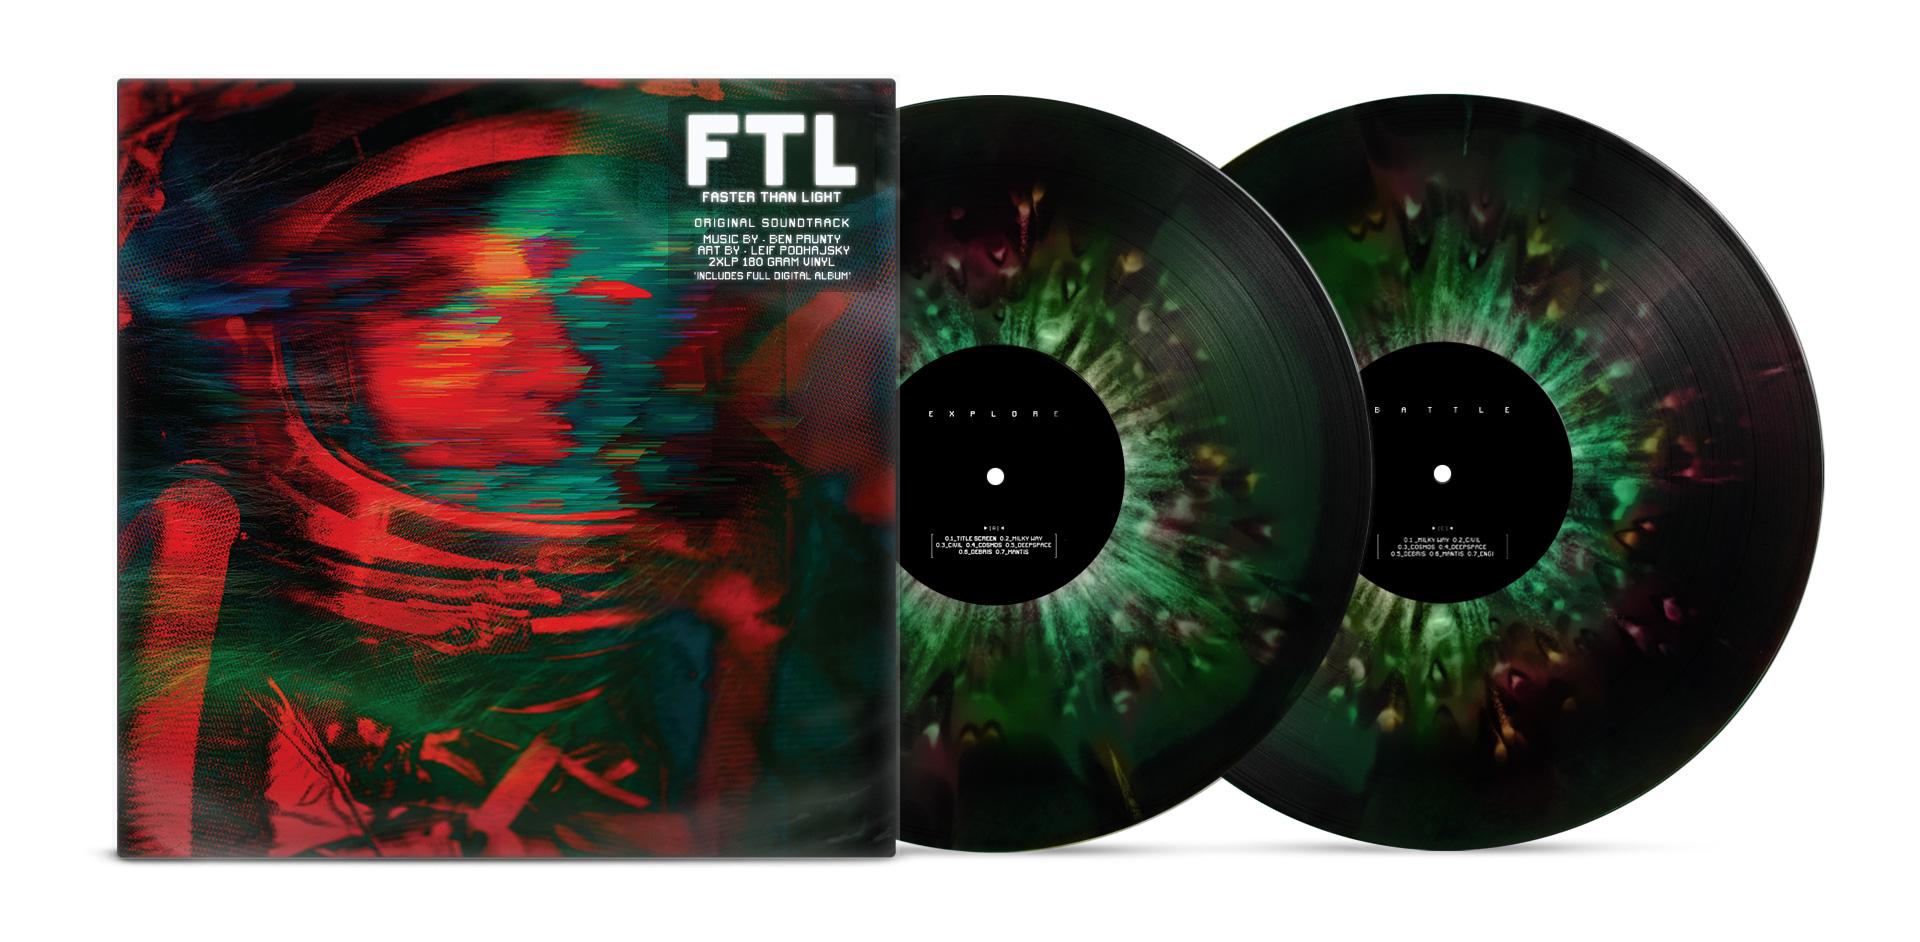 BO FTL : Faster than Light disponible en vinyle